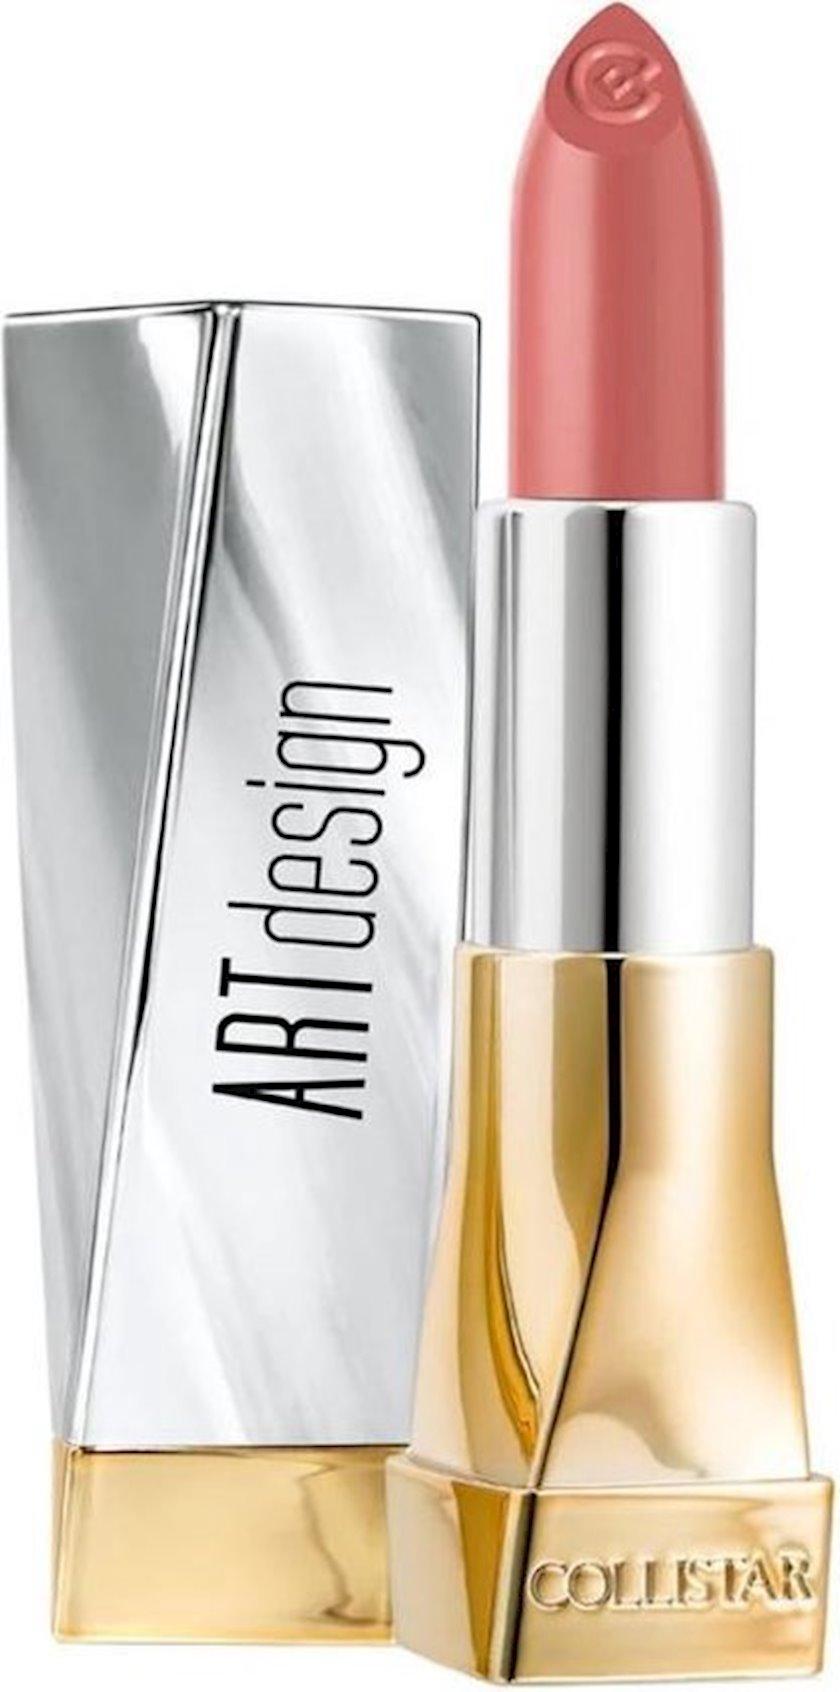 Dəst Collistar Art Design Lipstick 02 Nude 4 q + Lip Pencil №08 1.1 q